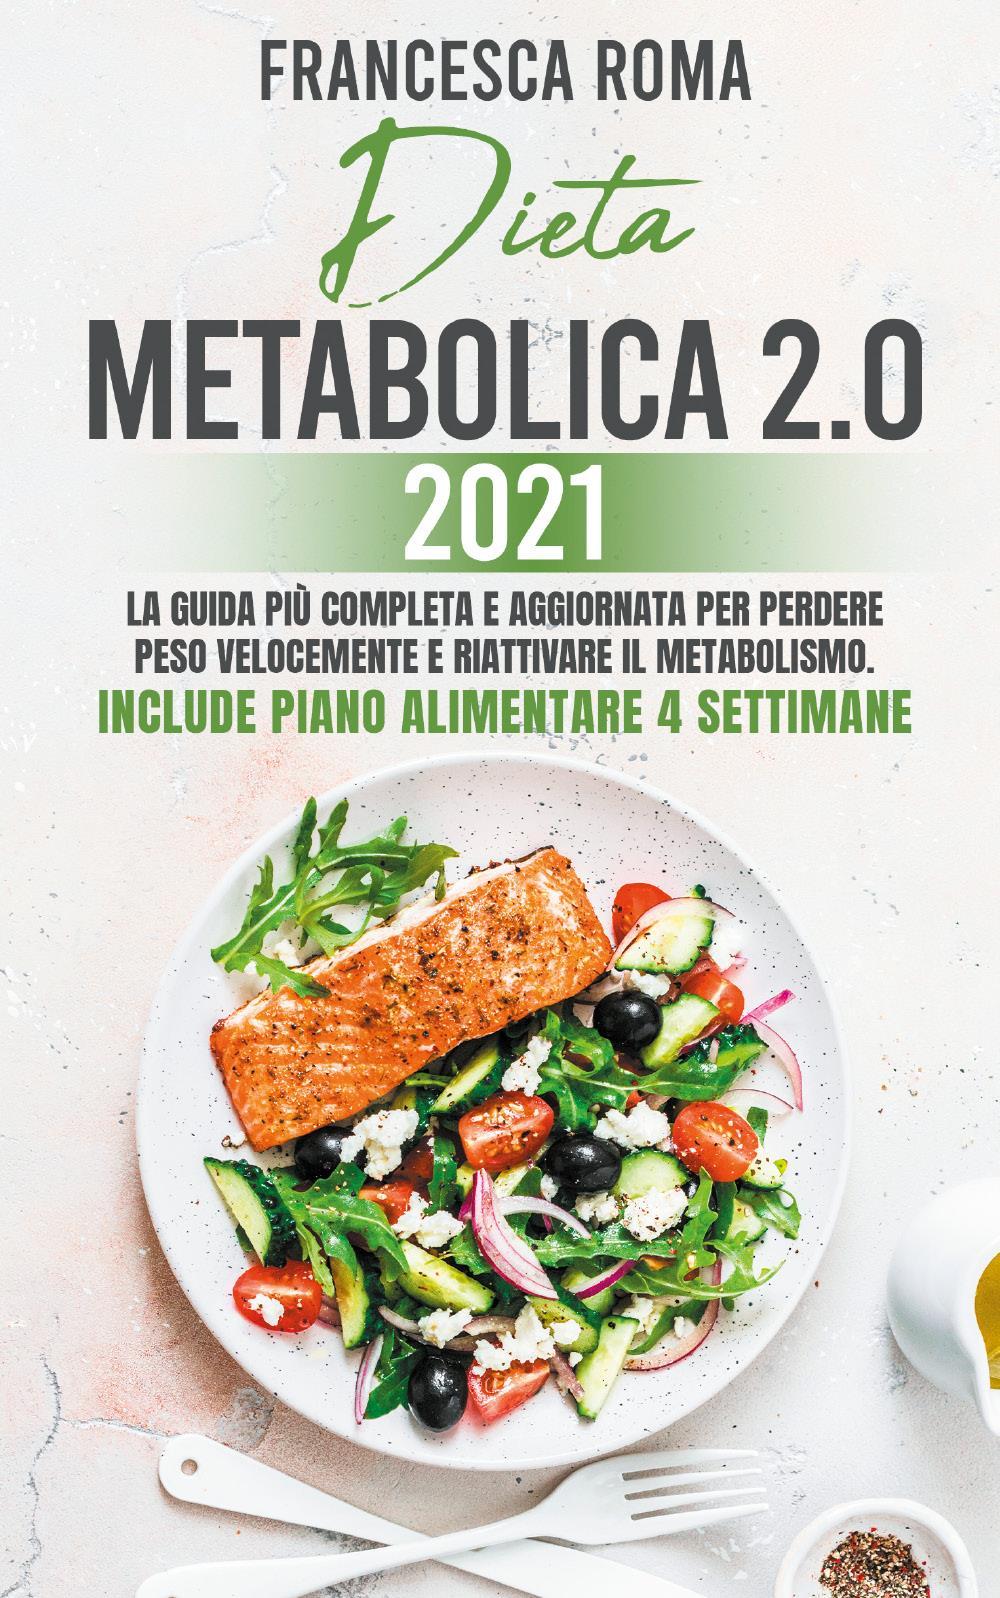 Dieta Metabolica 2.0 2021